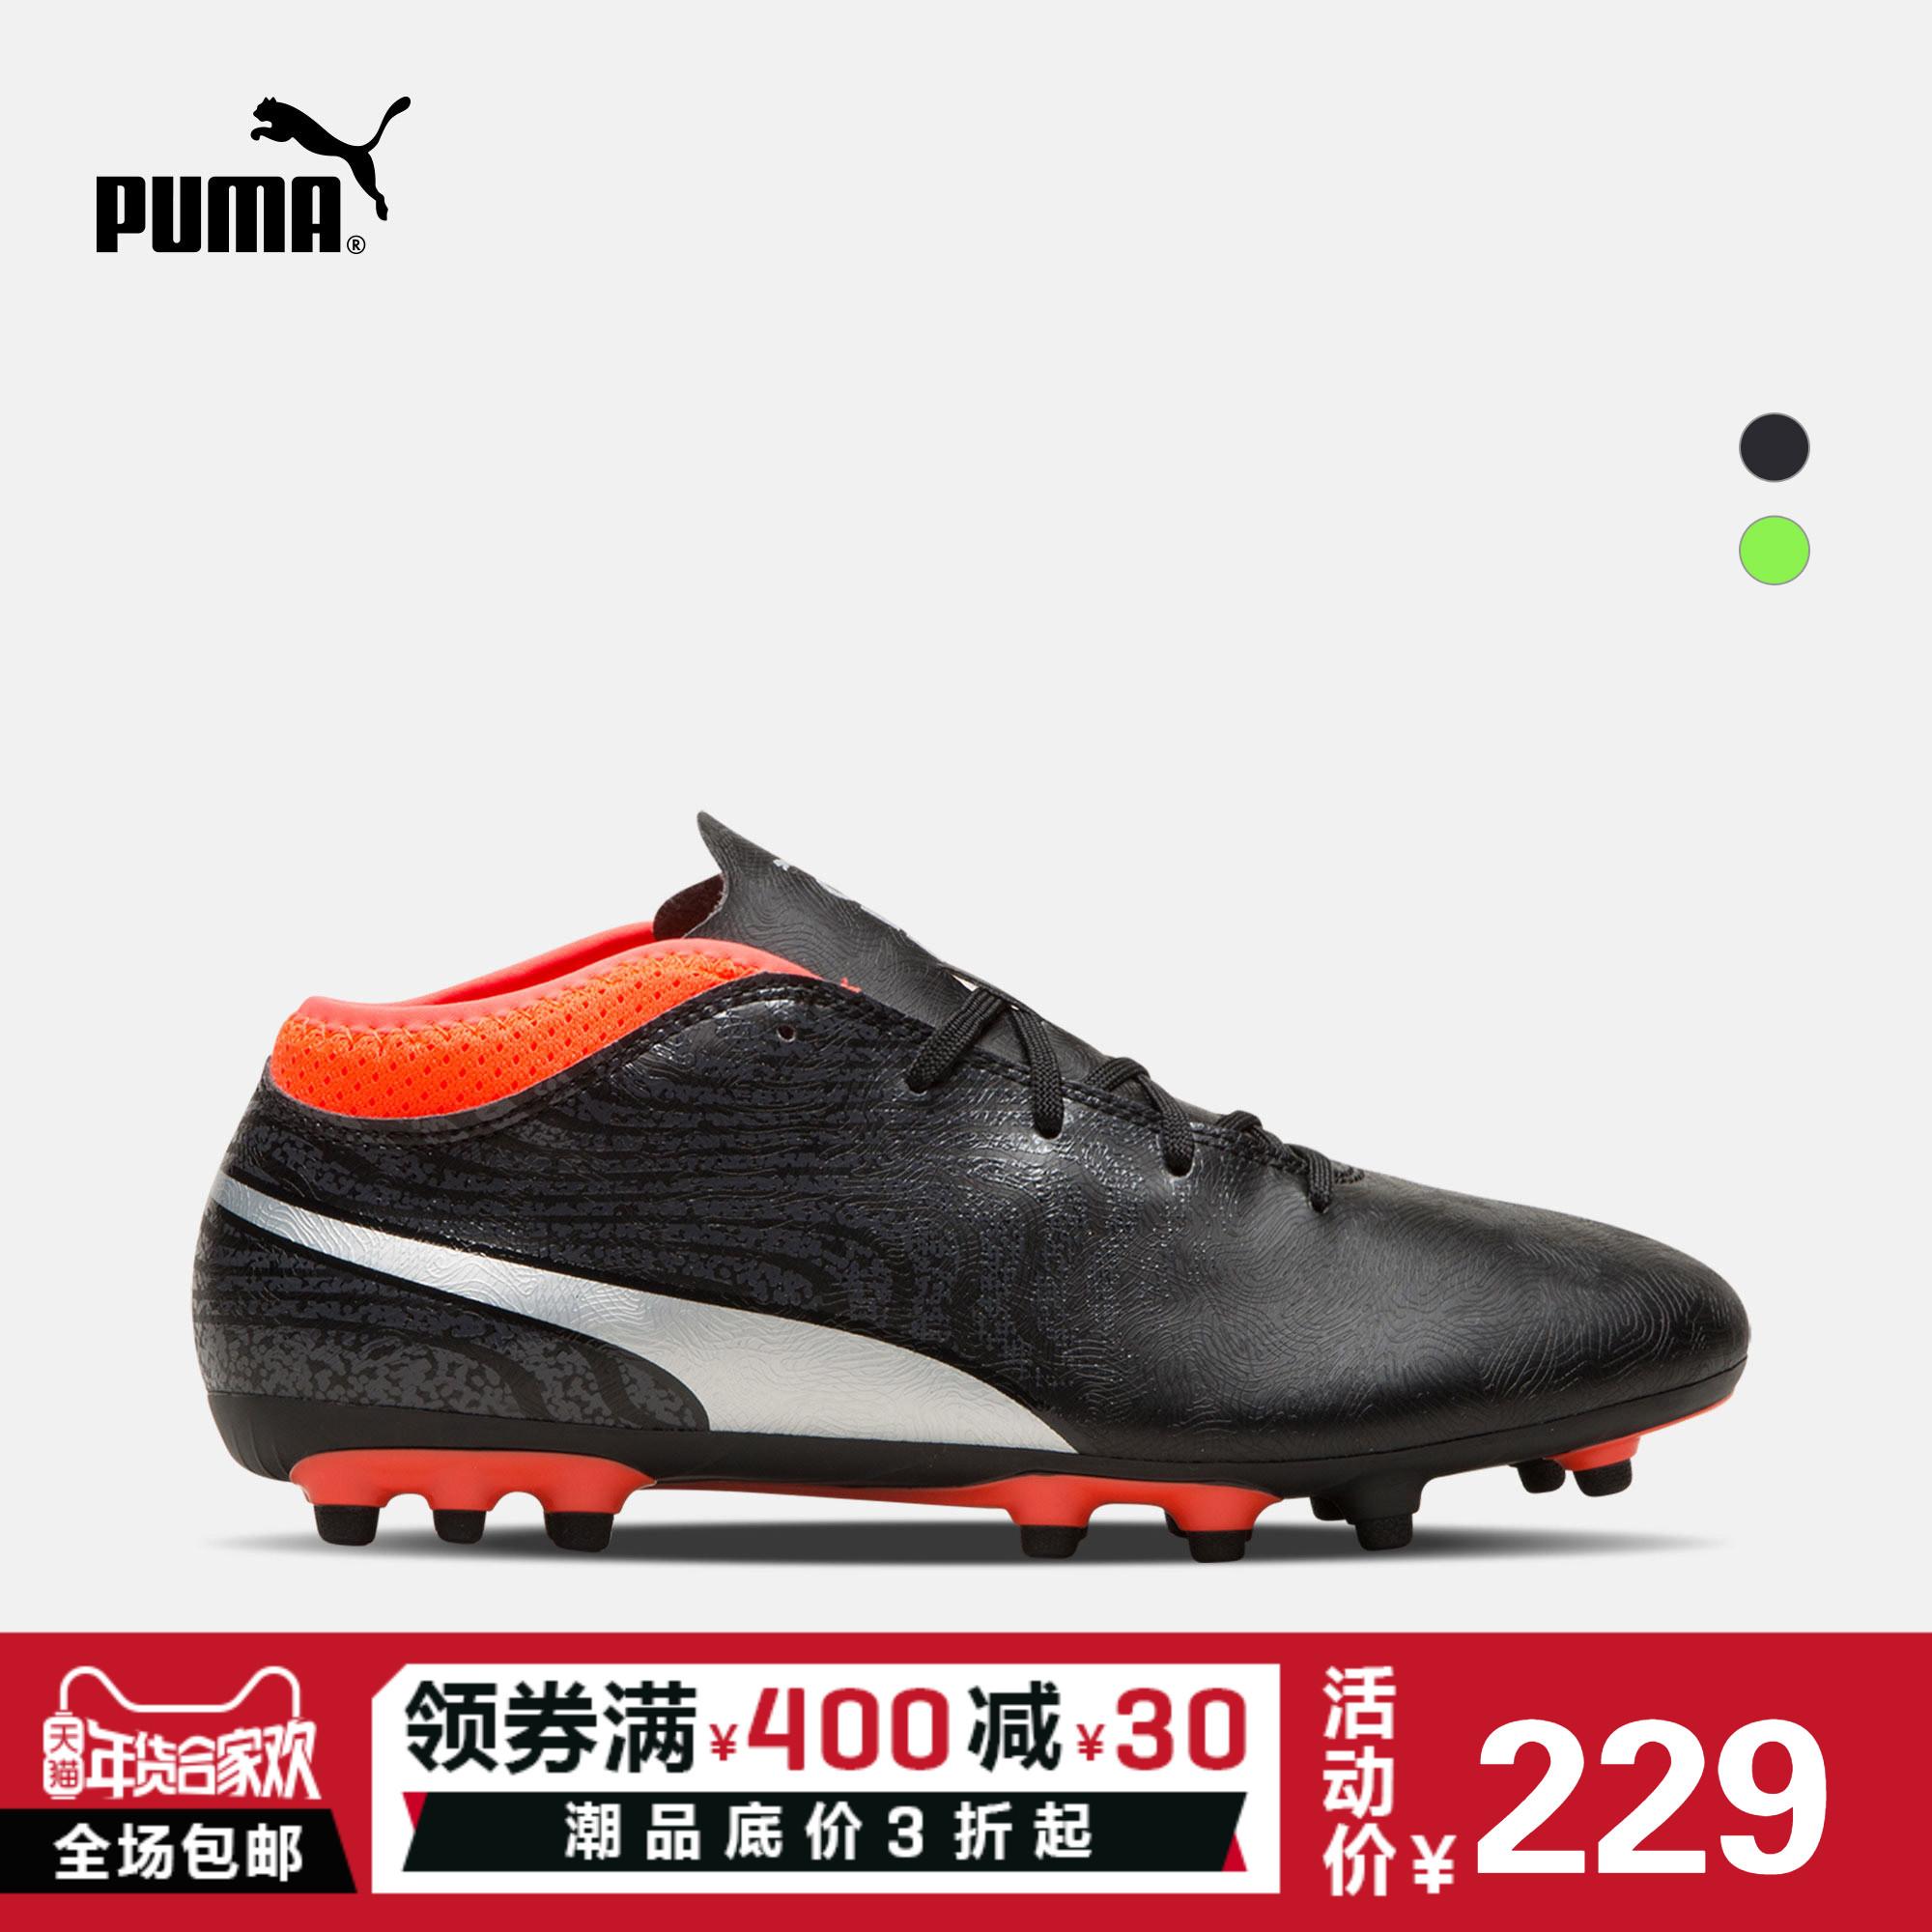 PUMA彪马官方 青少年足球鞋 PUMA ONE 18.4 AG 104554